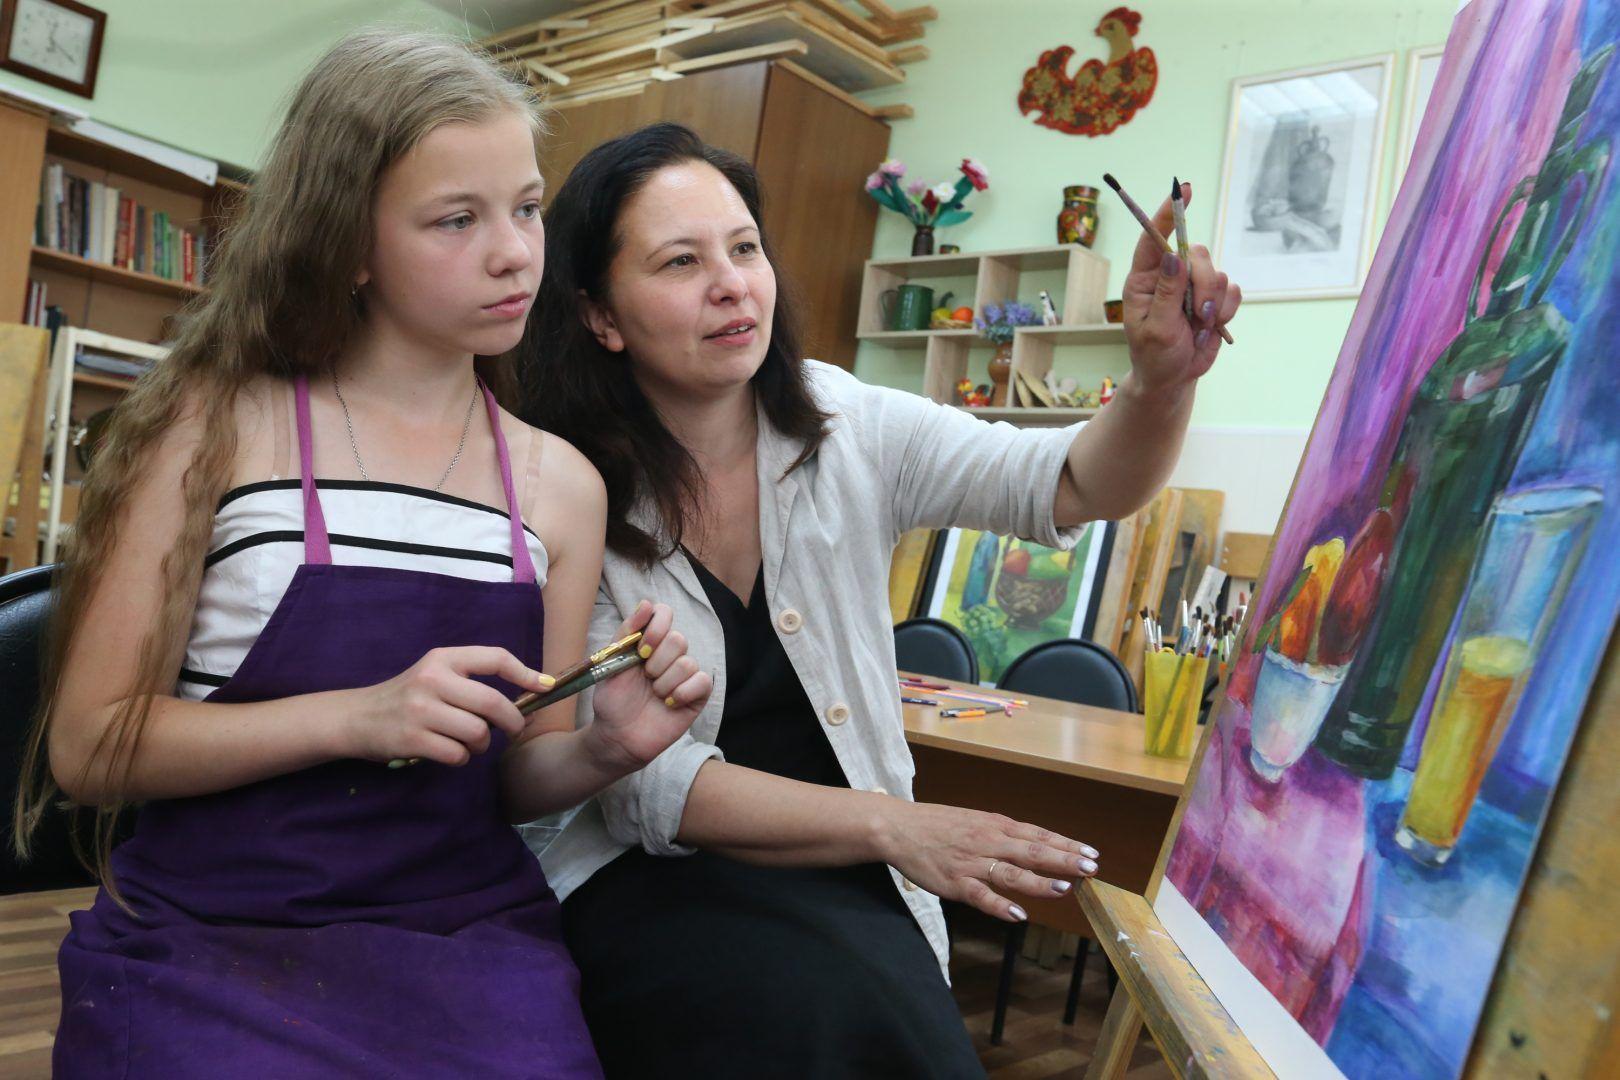 17 июня 2019 года. Щаповское. Соня обсуждает свою дипломную работу с преподавателем Мариной Тучковой. Фото: Виктор Хабаров